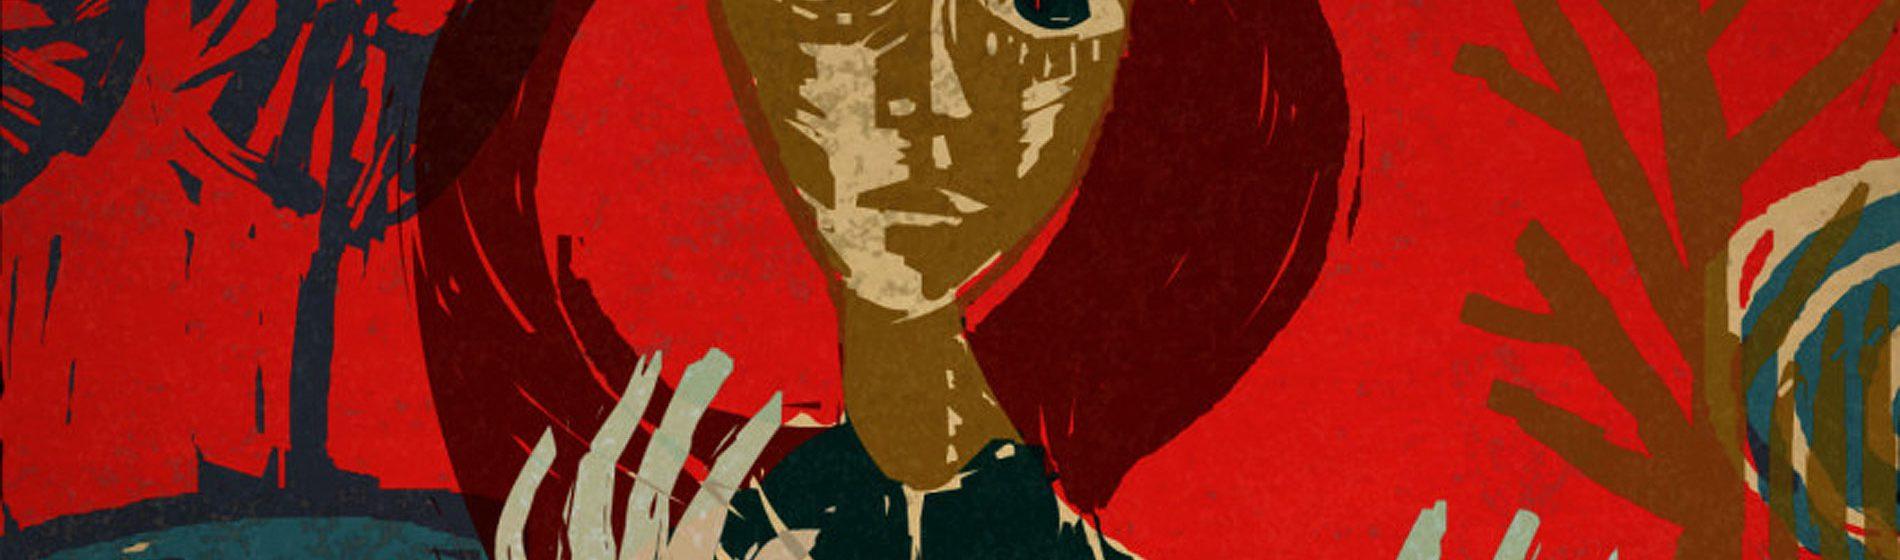 Blind Vaysha TIFF 2016